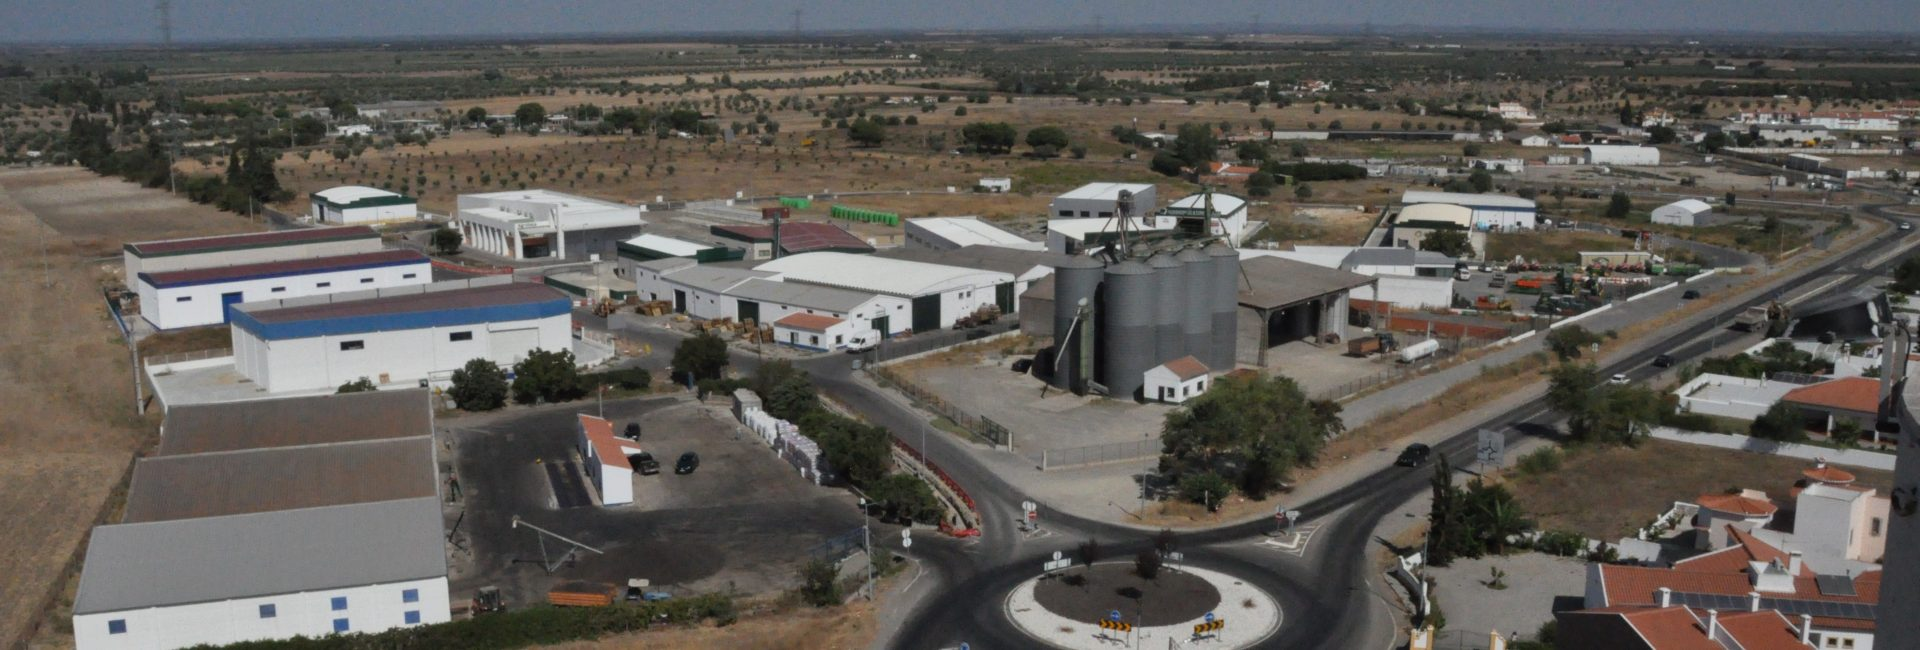 Expansão do Parque das Empresas de Ferreira do Alentejo vai ter Financiamento Comunitário